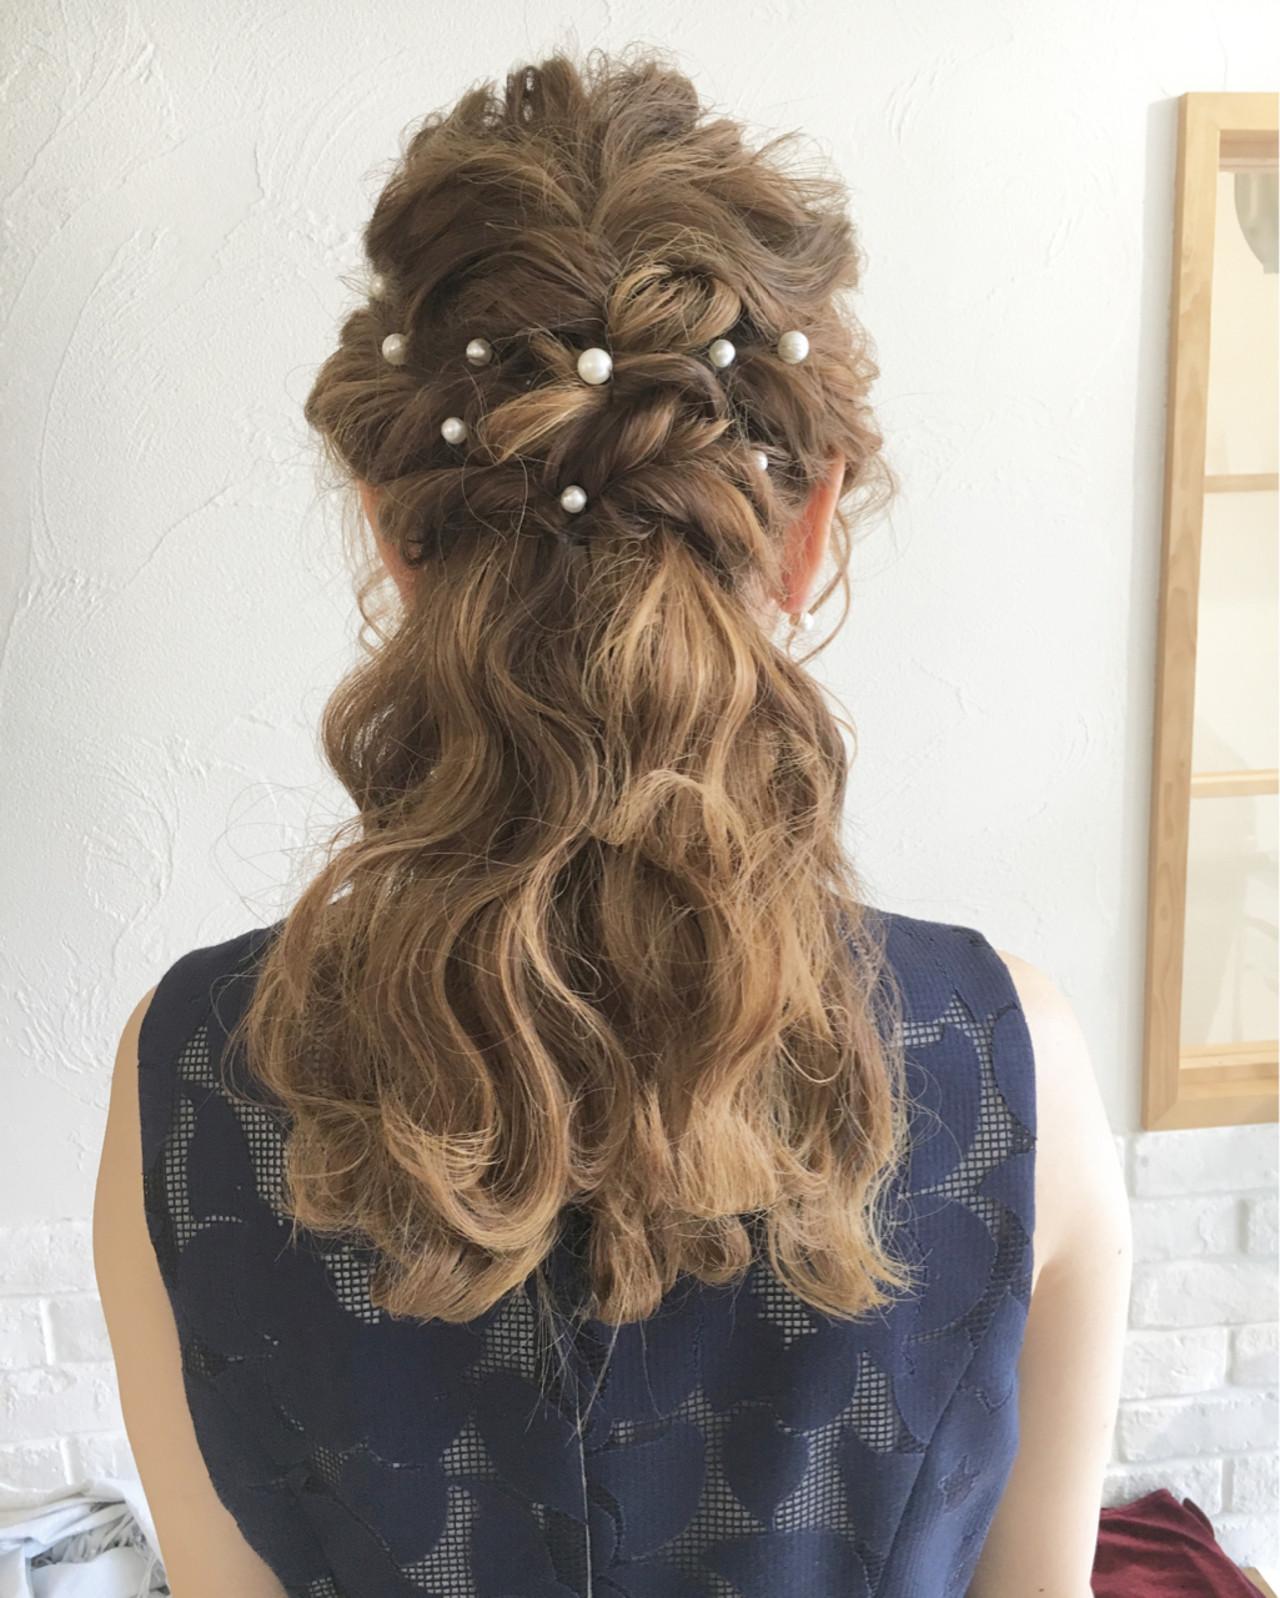 ヘアアレンジ 外国人風 セミロング 結婚式 ヘアスタイルや髪型の写真・画像